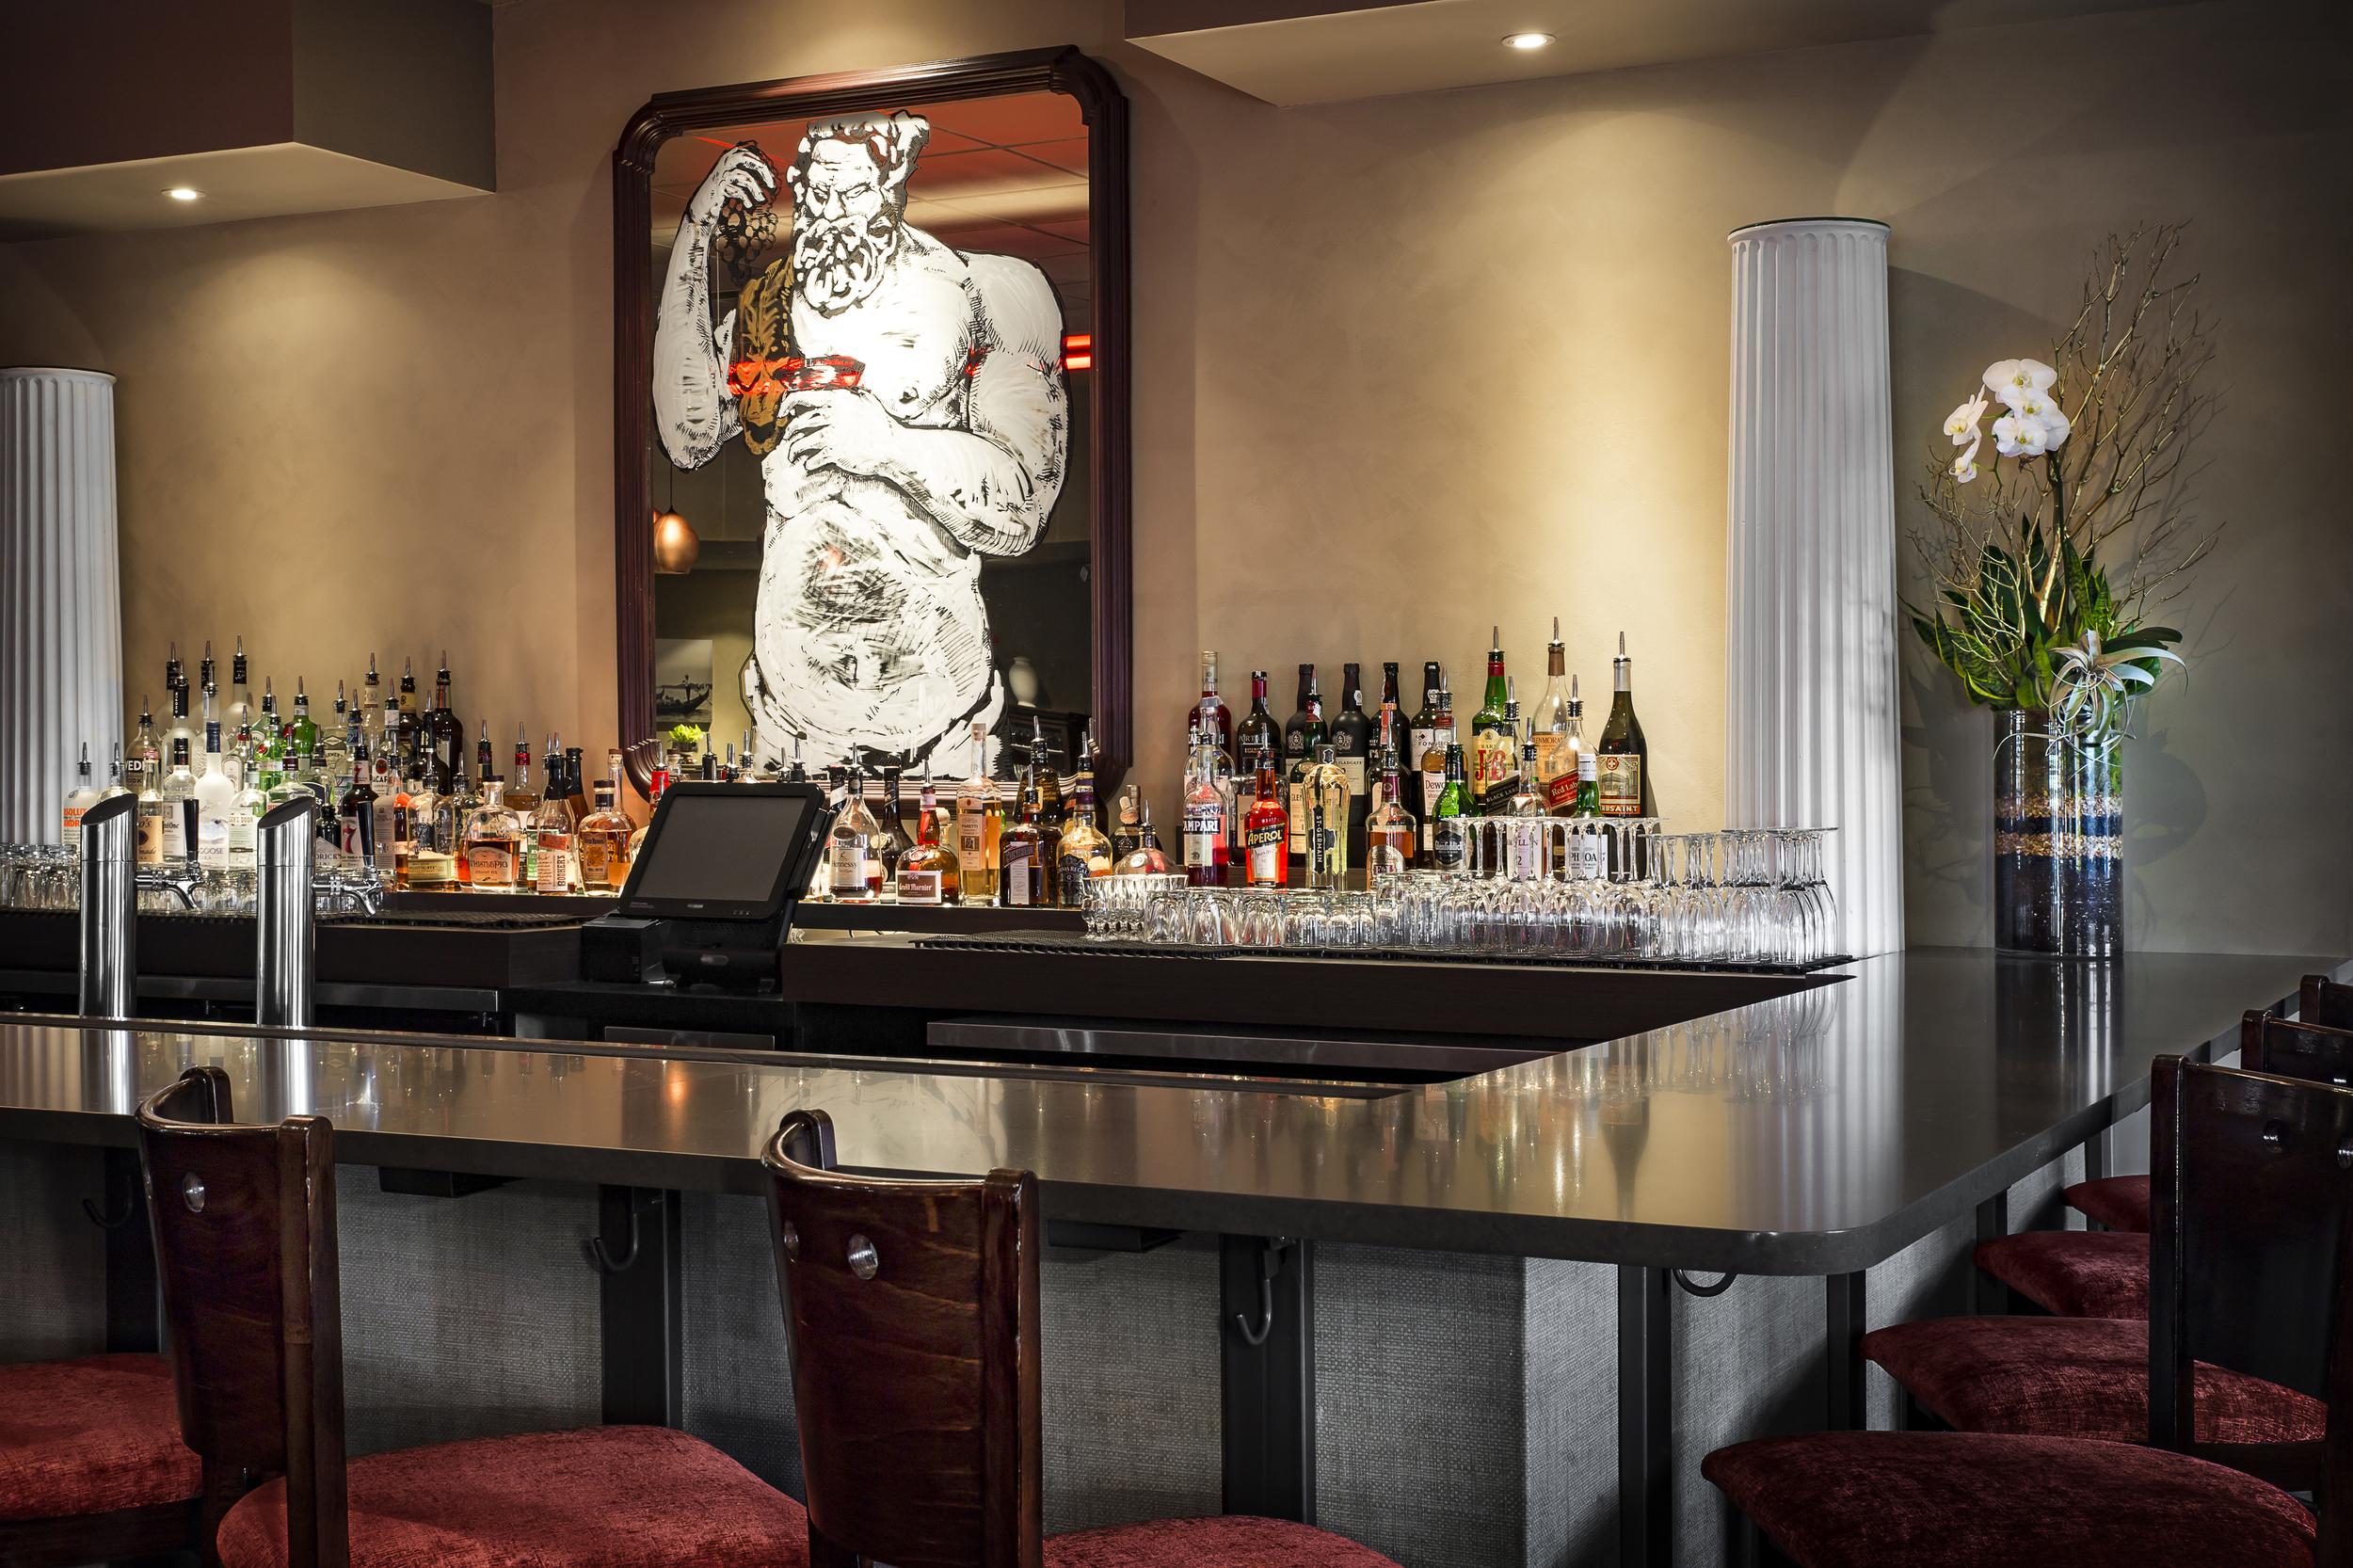 il Giallo Restaurant and Bar Atlanta, GA for Seven Stone